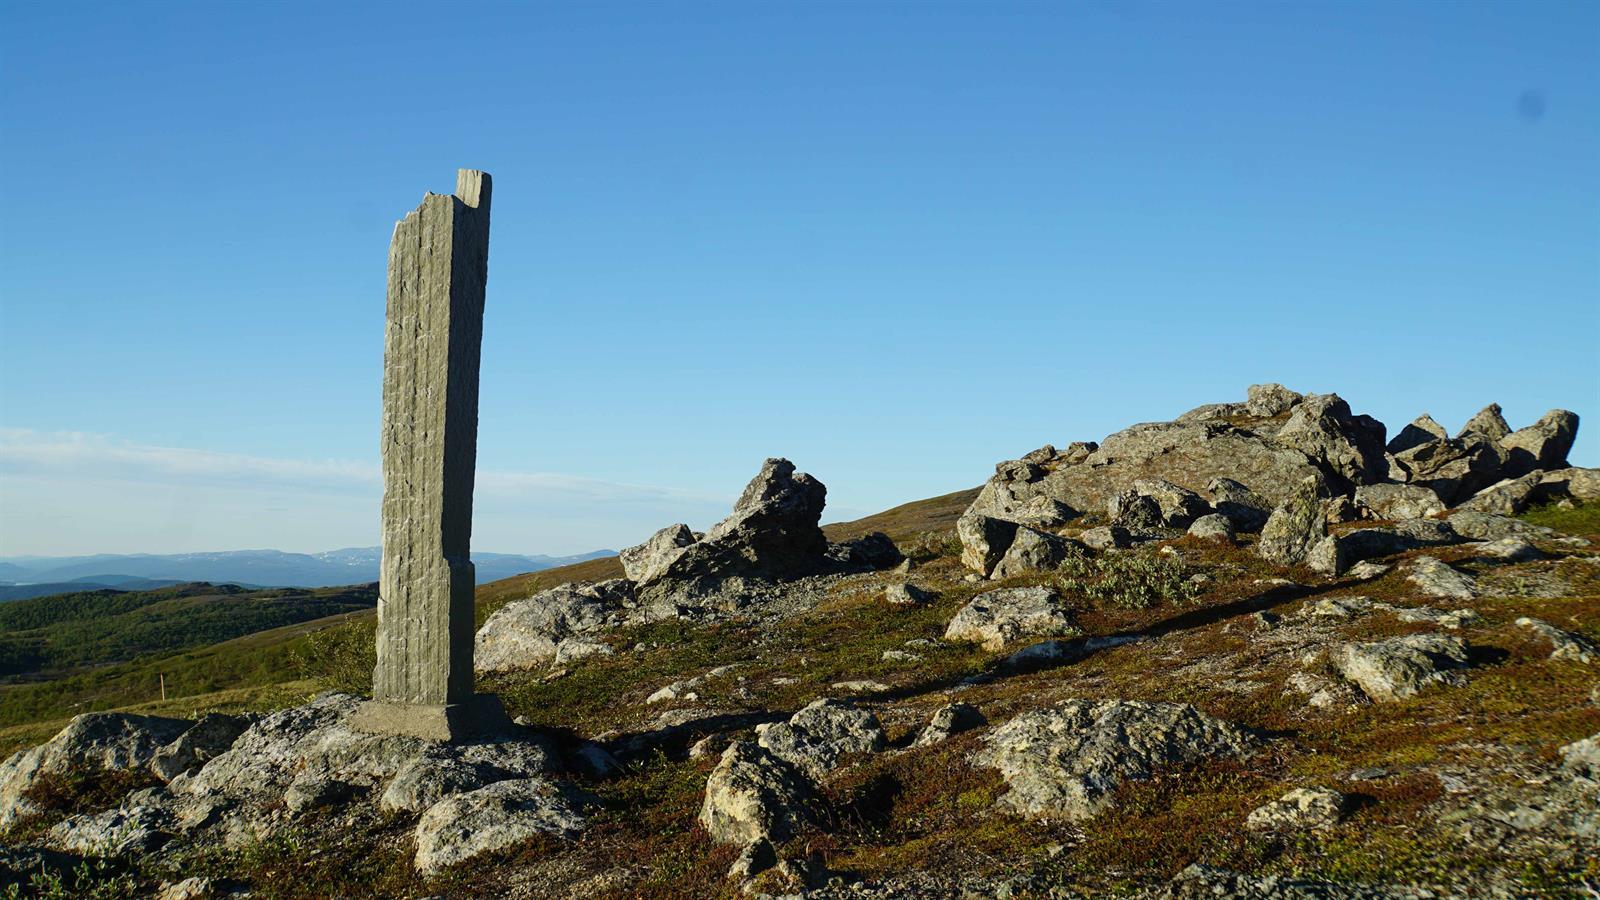 Turforslag: Nasjonalpark-bauta, Lierne nasjonalpark